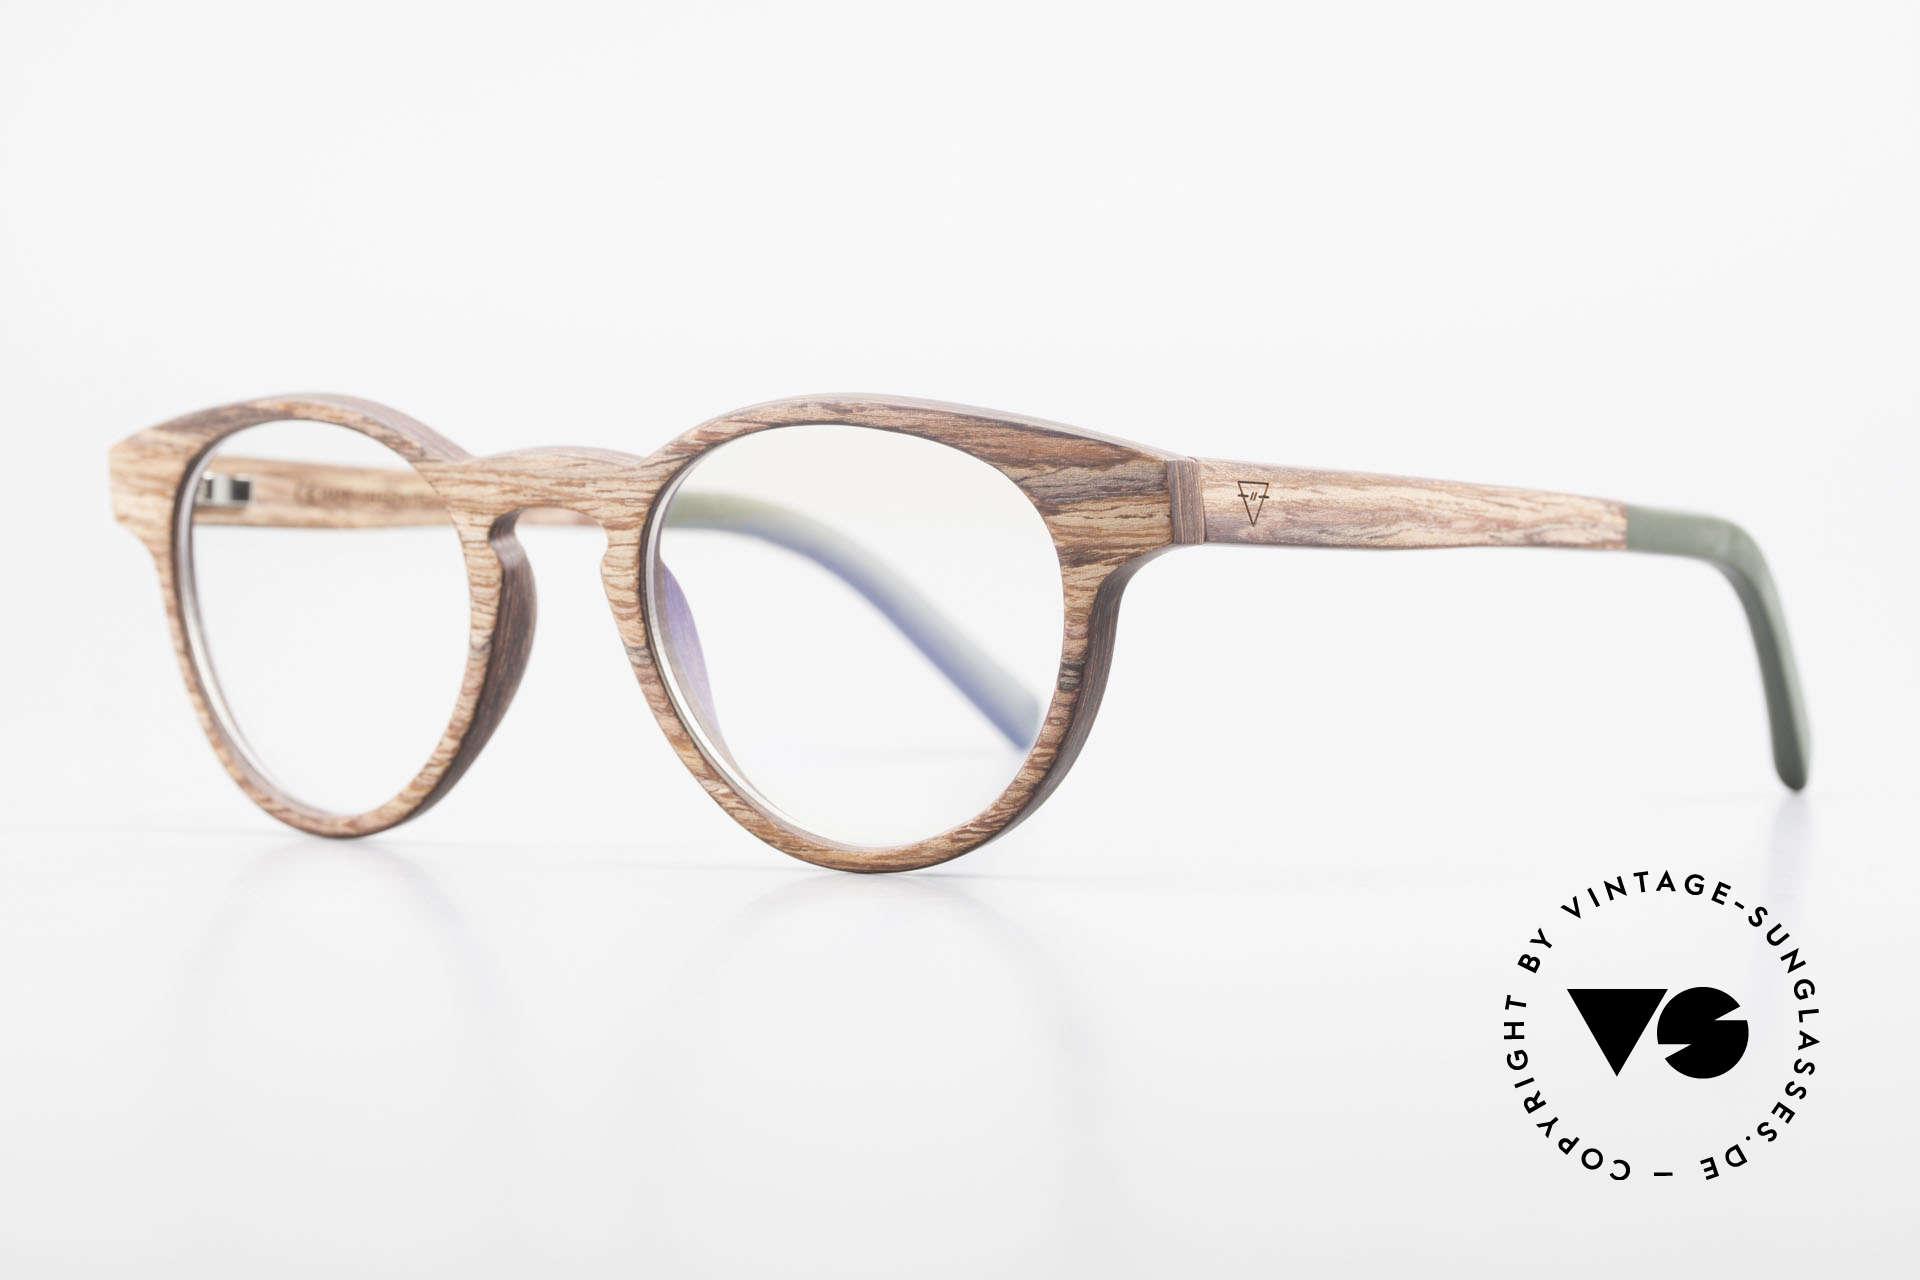 Kerbholz Friedrich Holzbrille Panto Rosewood, das Holz ist stark dunkelbraun, sehr hart und robust, Passend für Herren und Damen